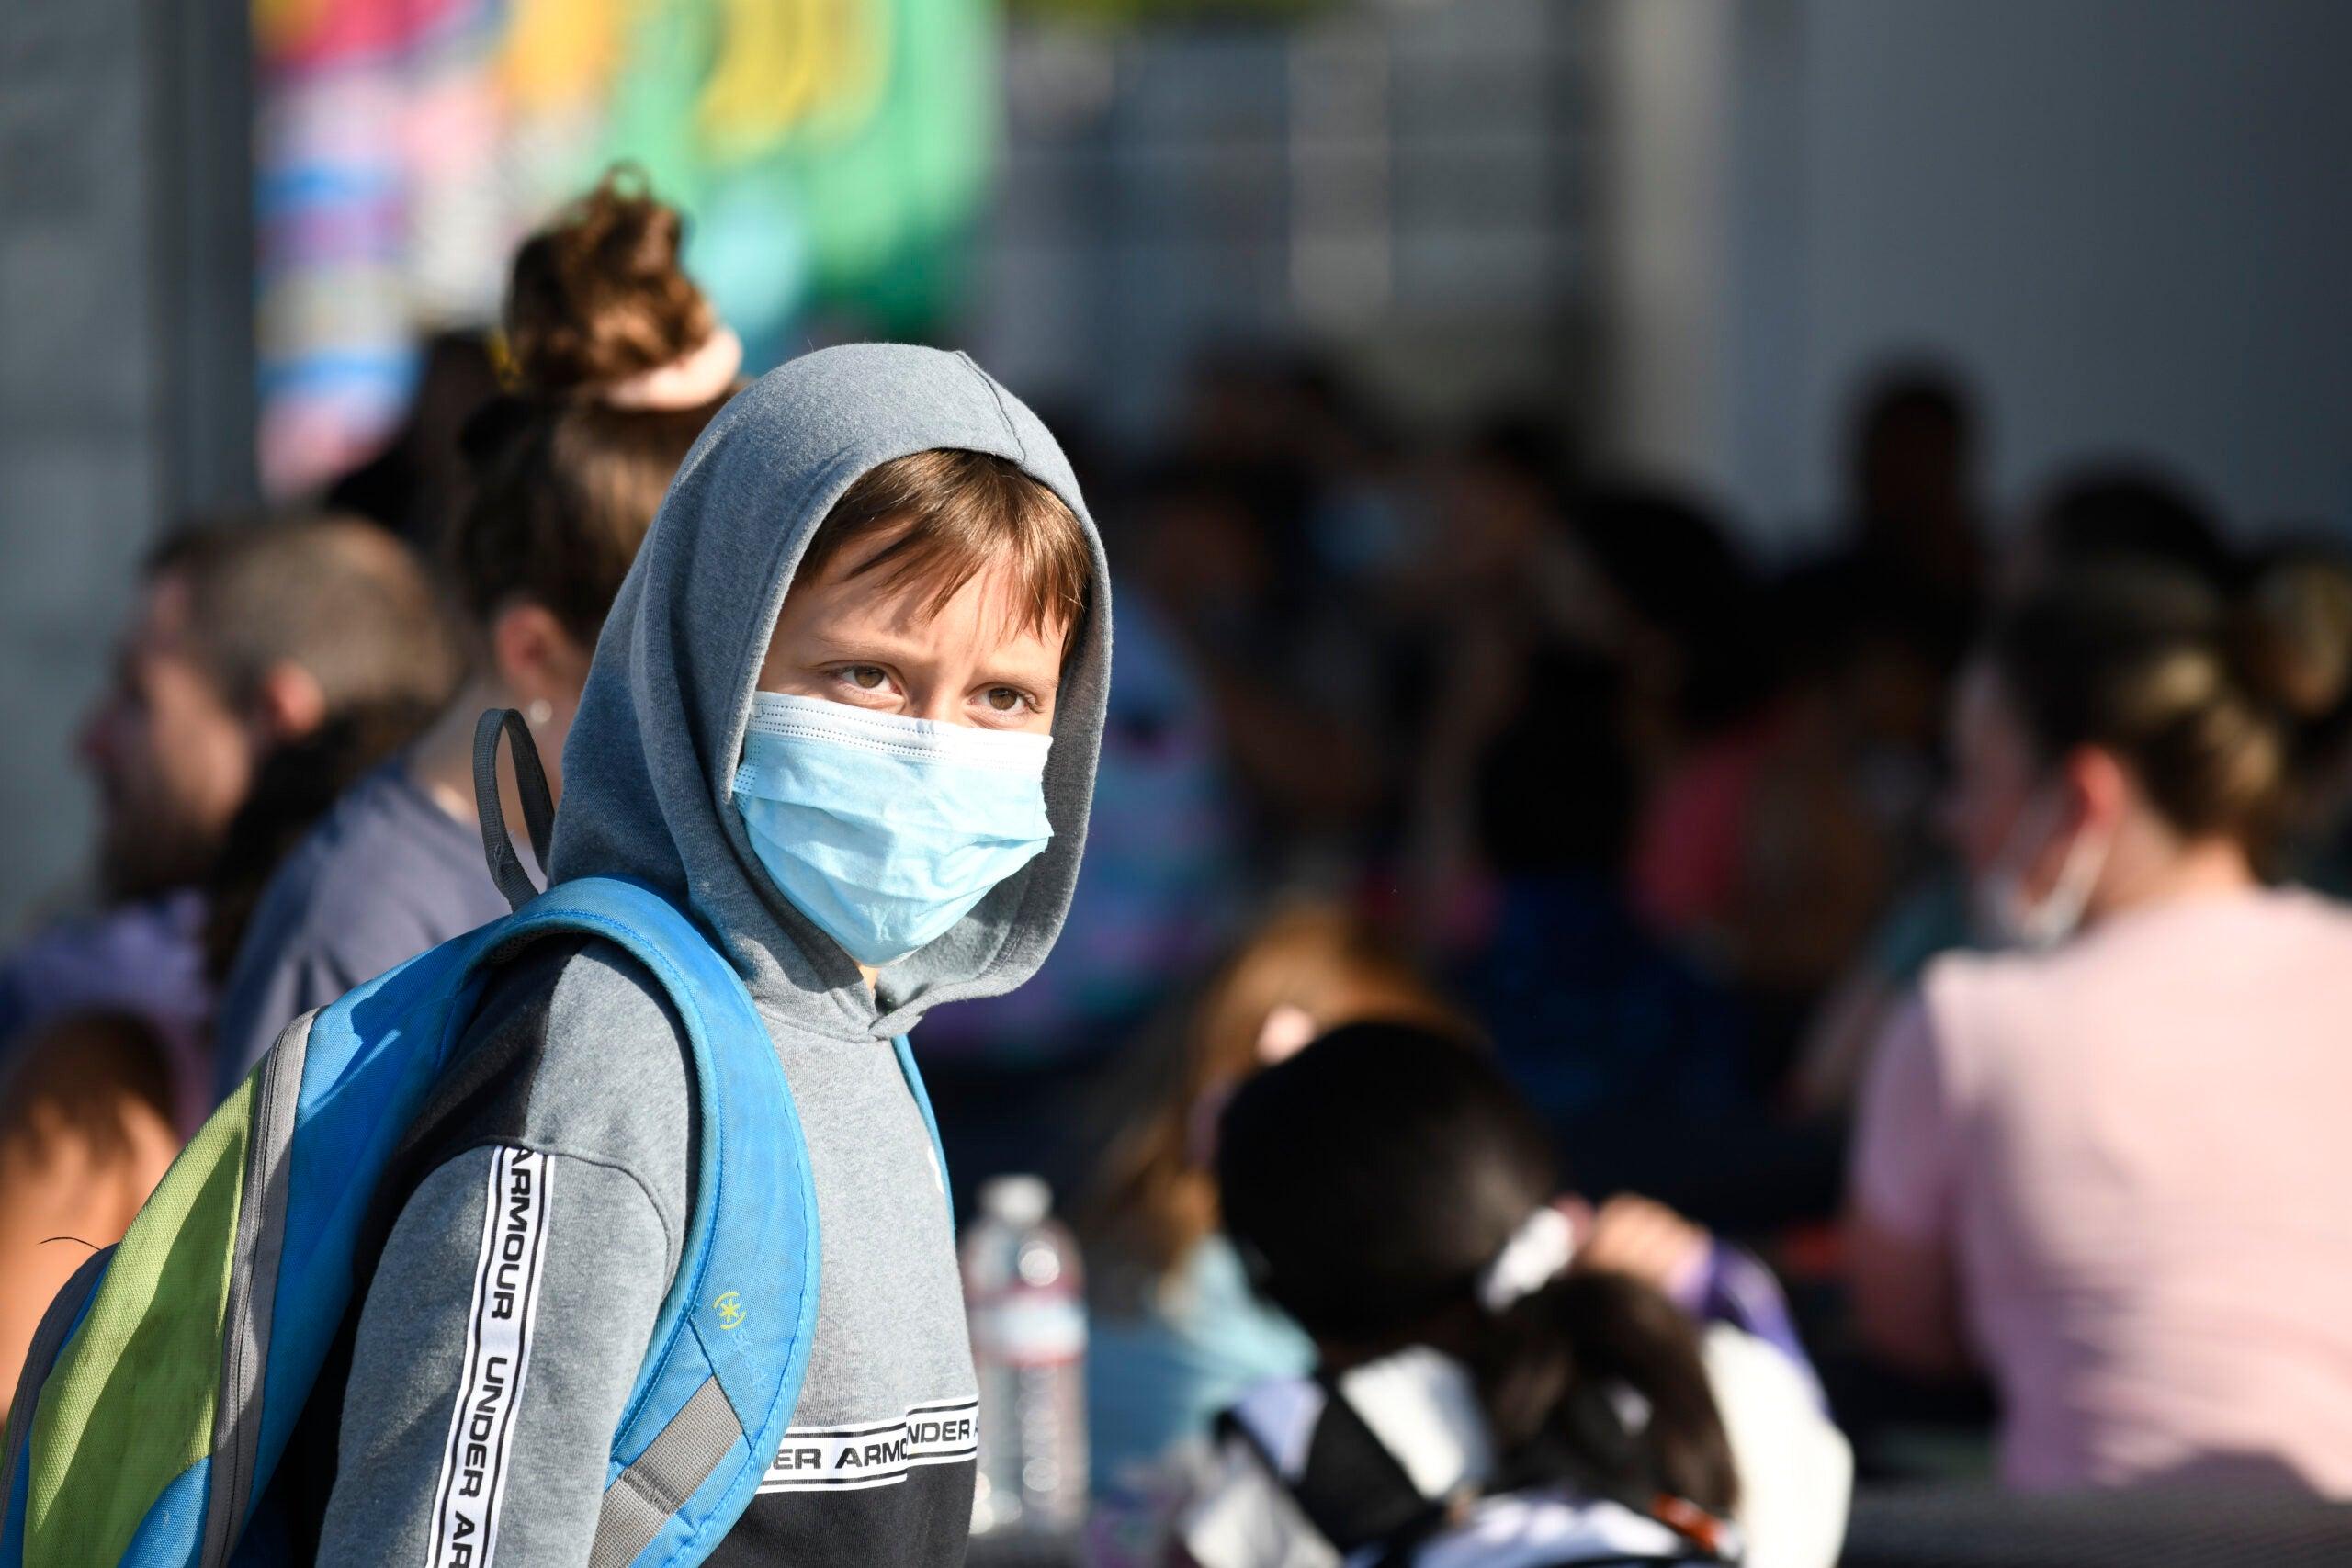 Virus Outbreak California Schools 73584 6104474b1854c scaled.